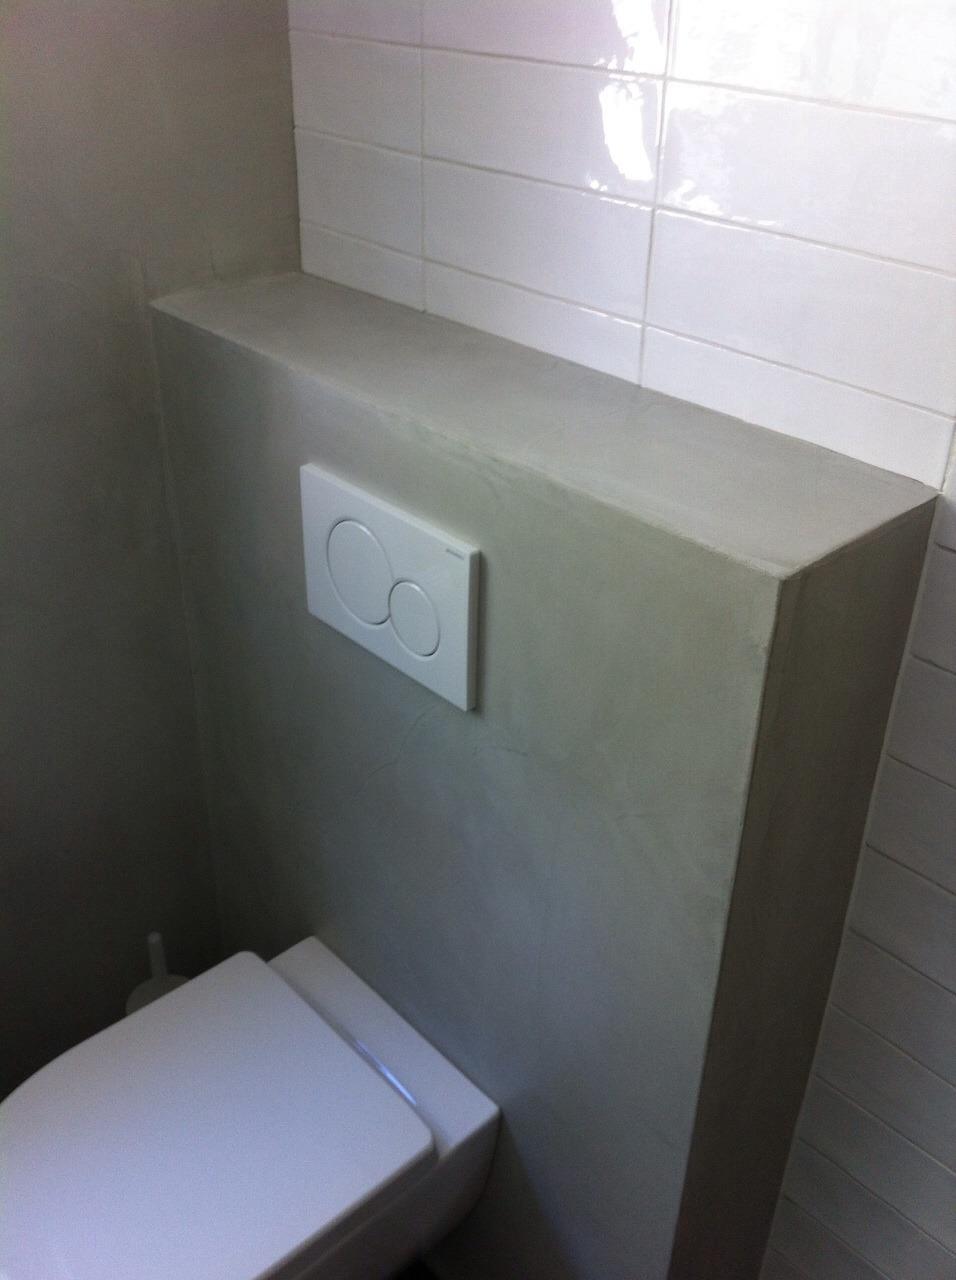 Beton cire badkamer met zitje in douche Leersum